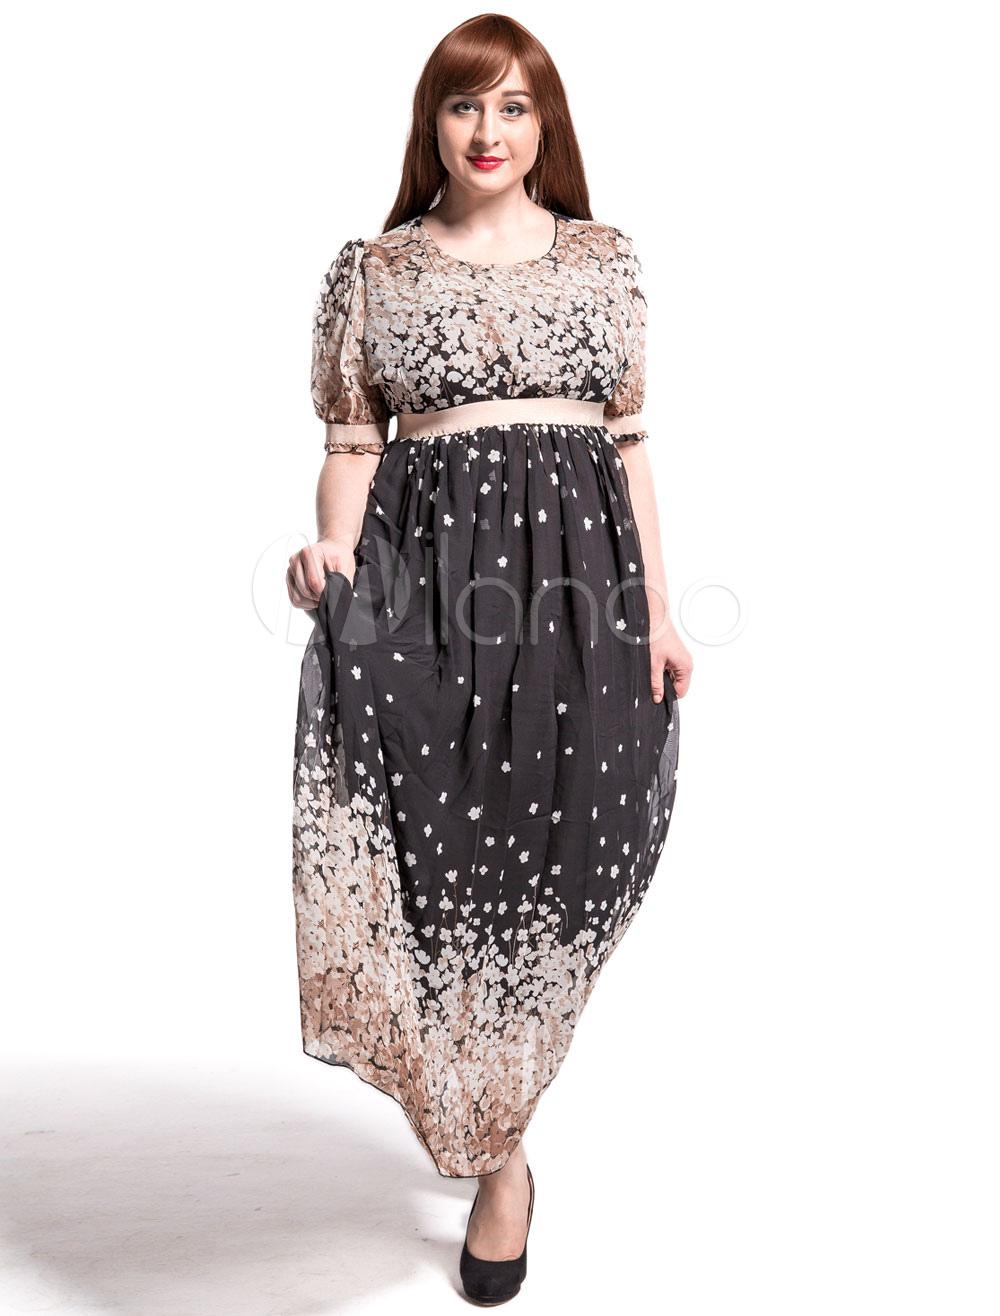 Milanoo.com - Kaufen Sie billig plus Größe Kleider, plus size ...